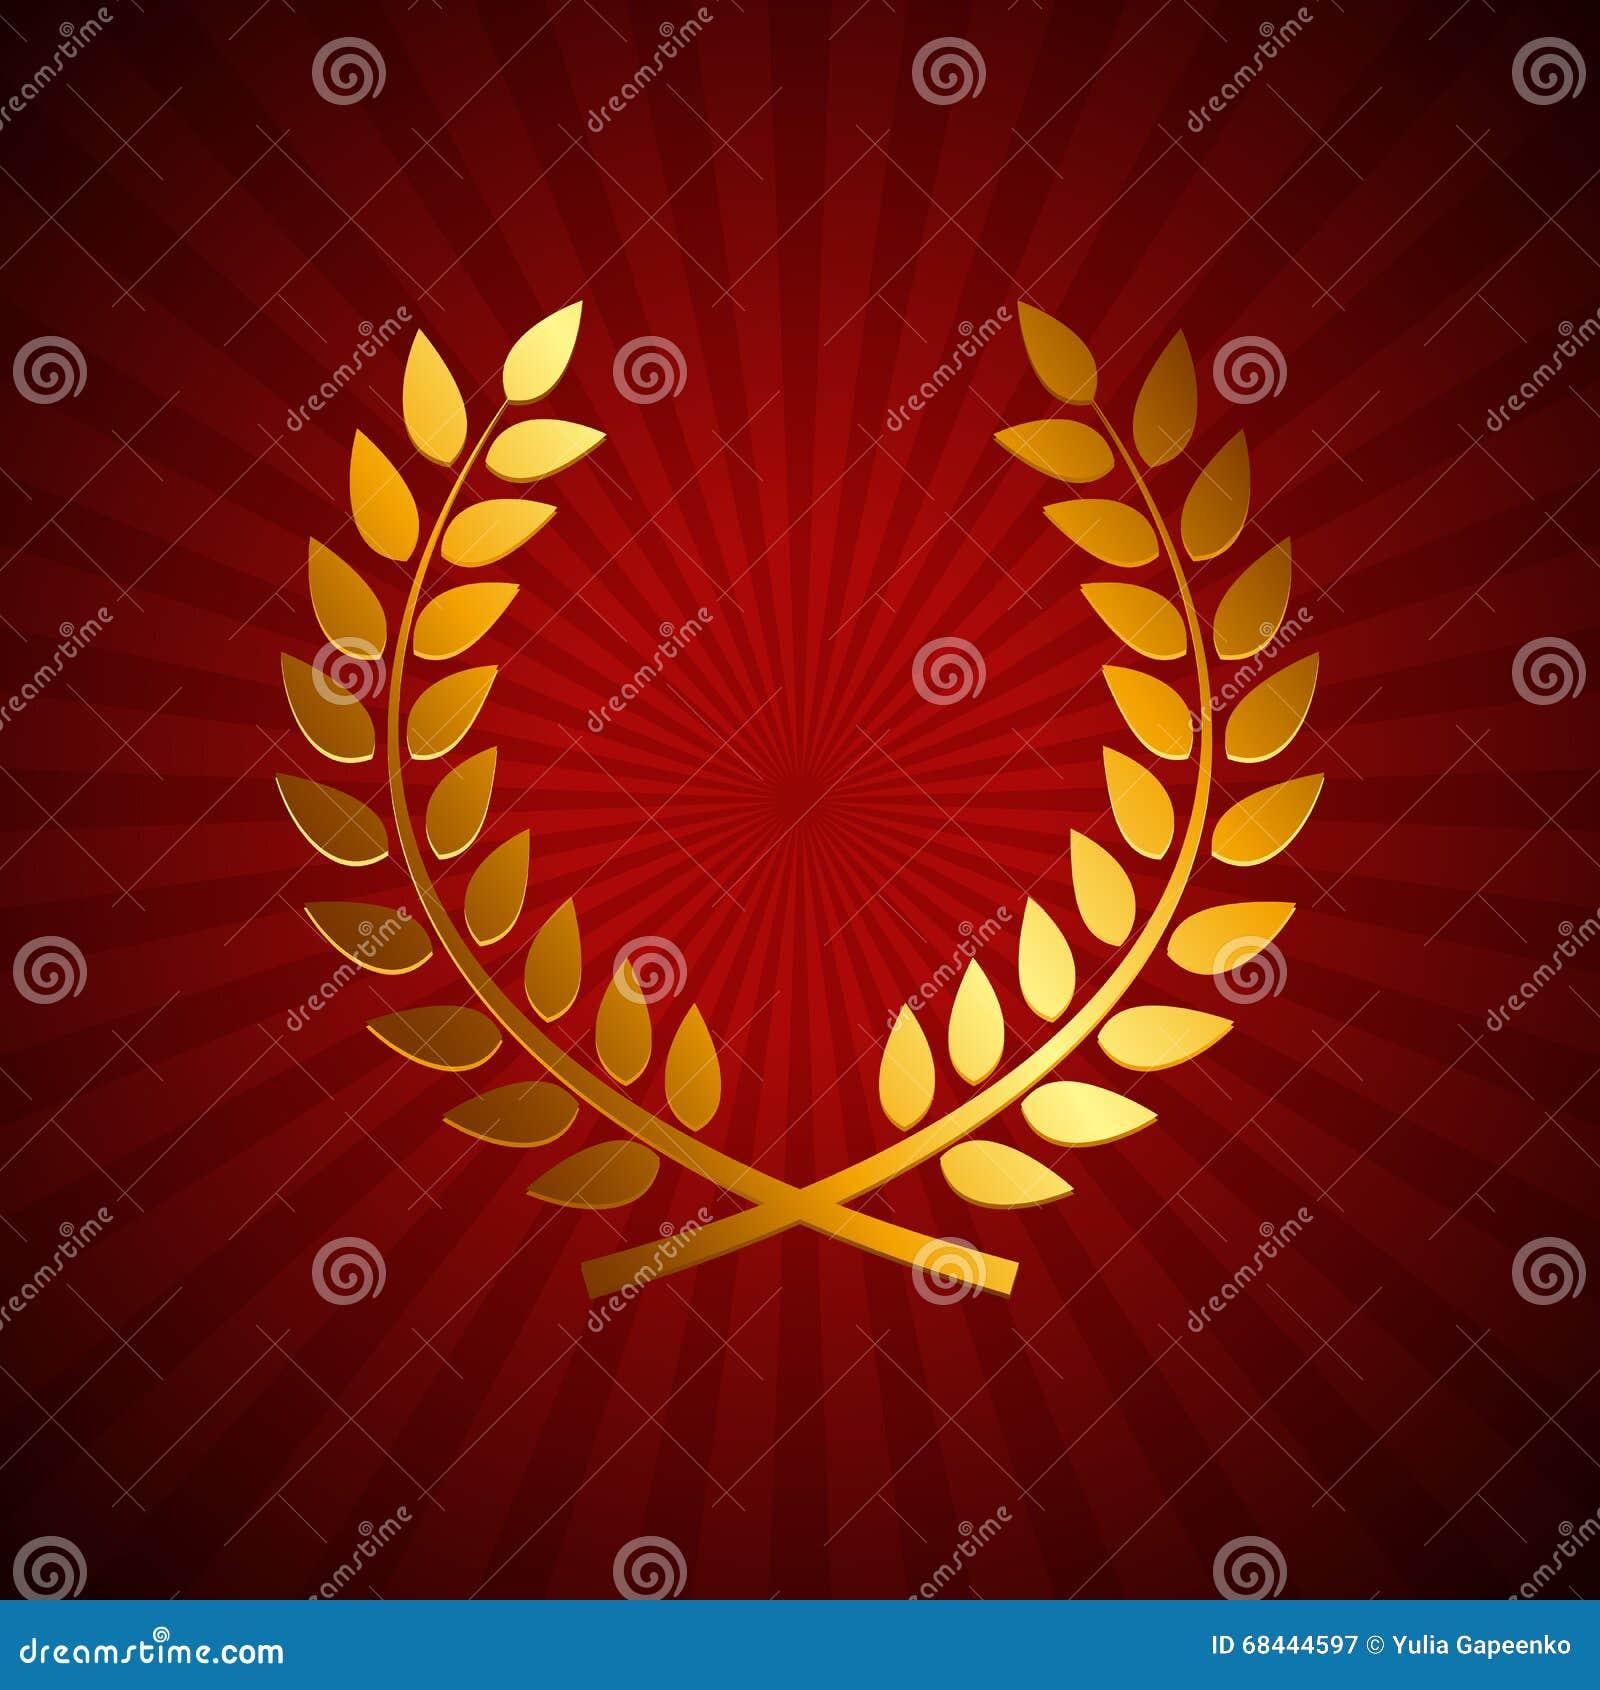 Gold Award Laurel Wreath Winner Leaf Label Symbol Of Victory